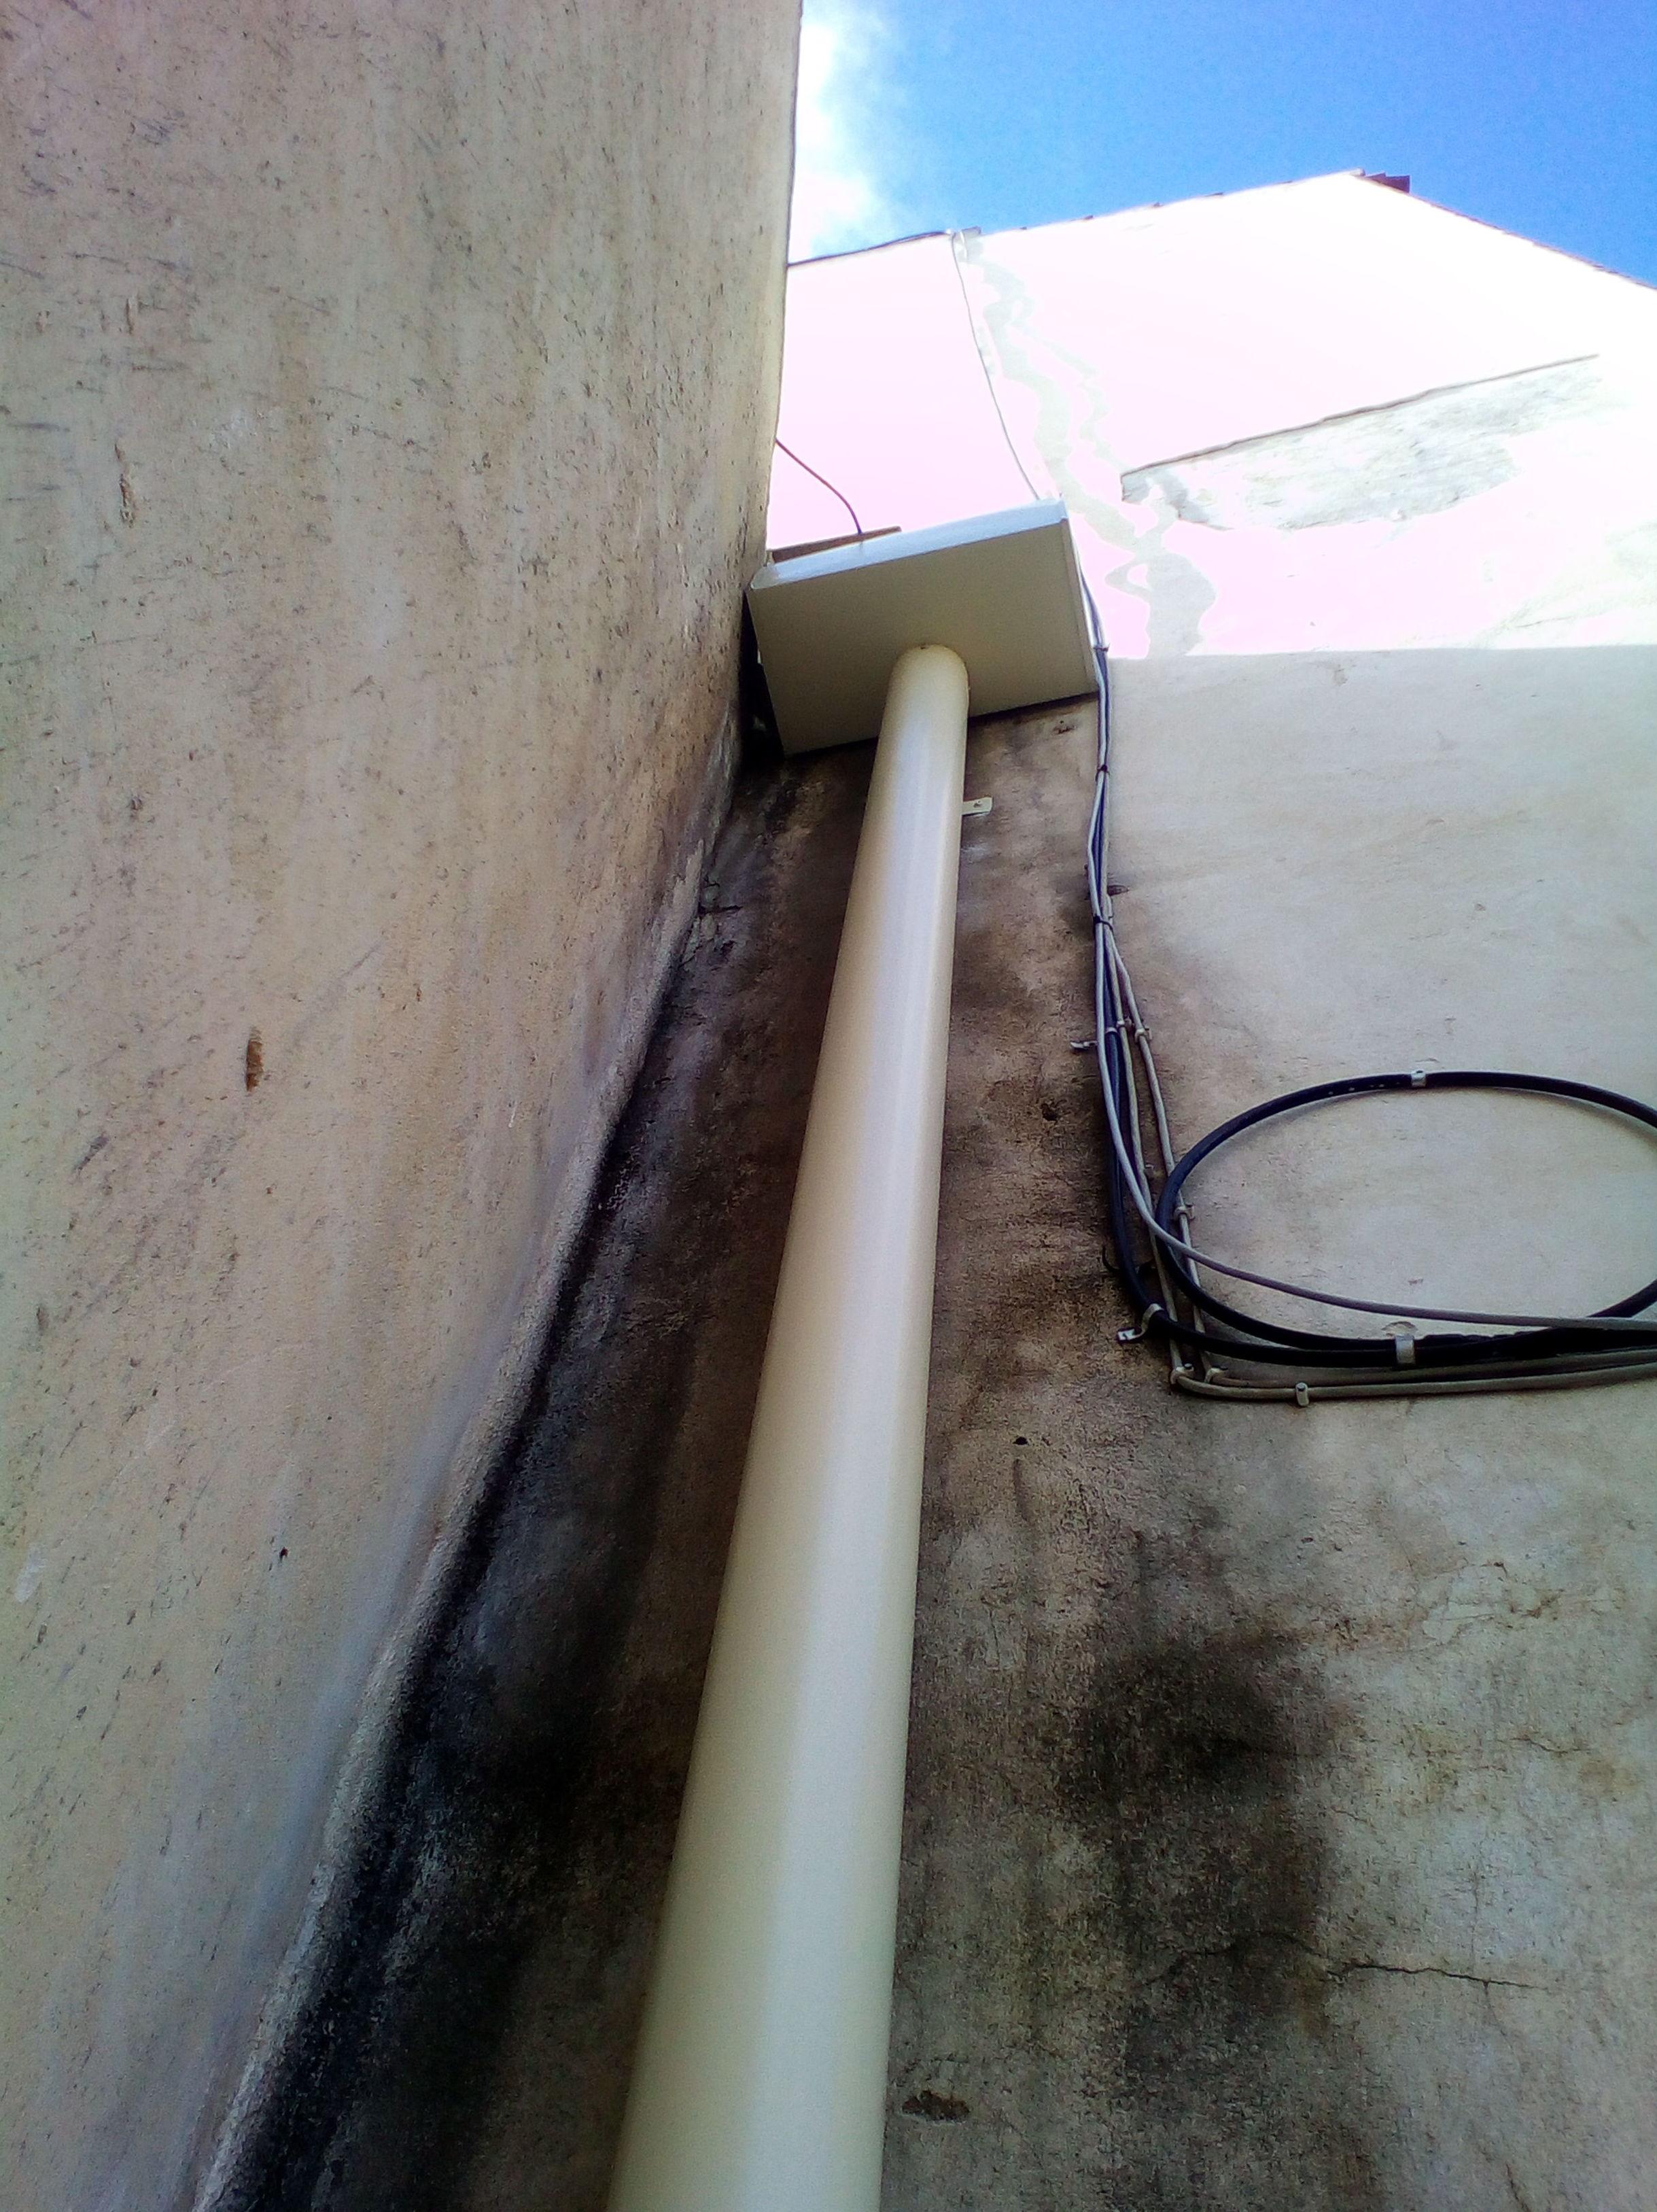 Recogedor de aluminio y bajada redonda mismo material en crema.